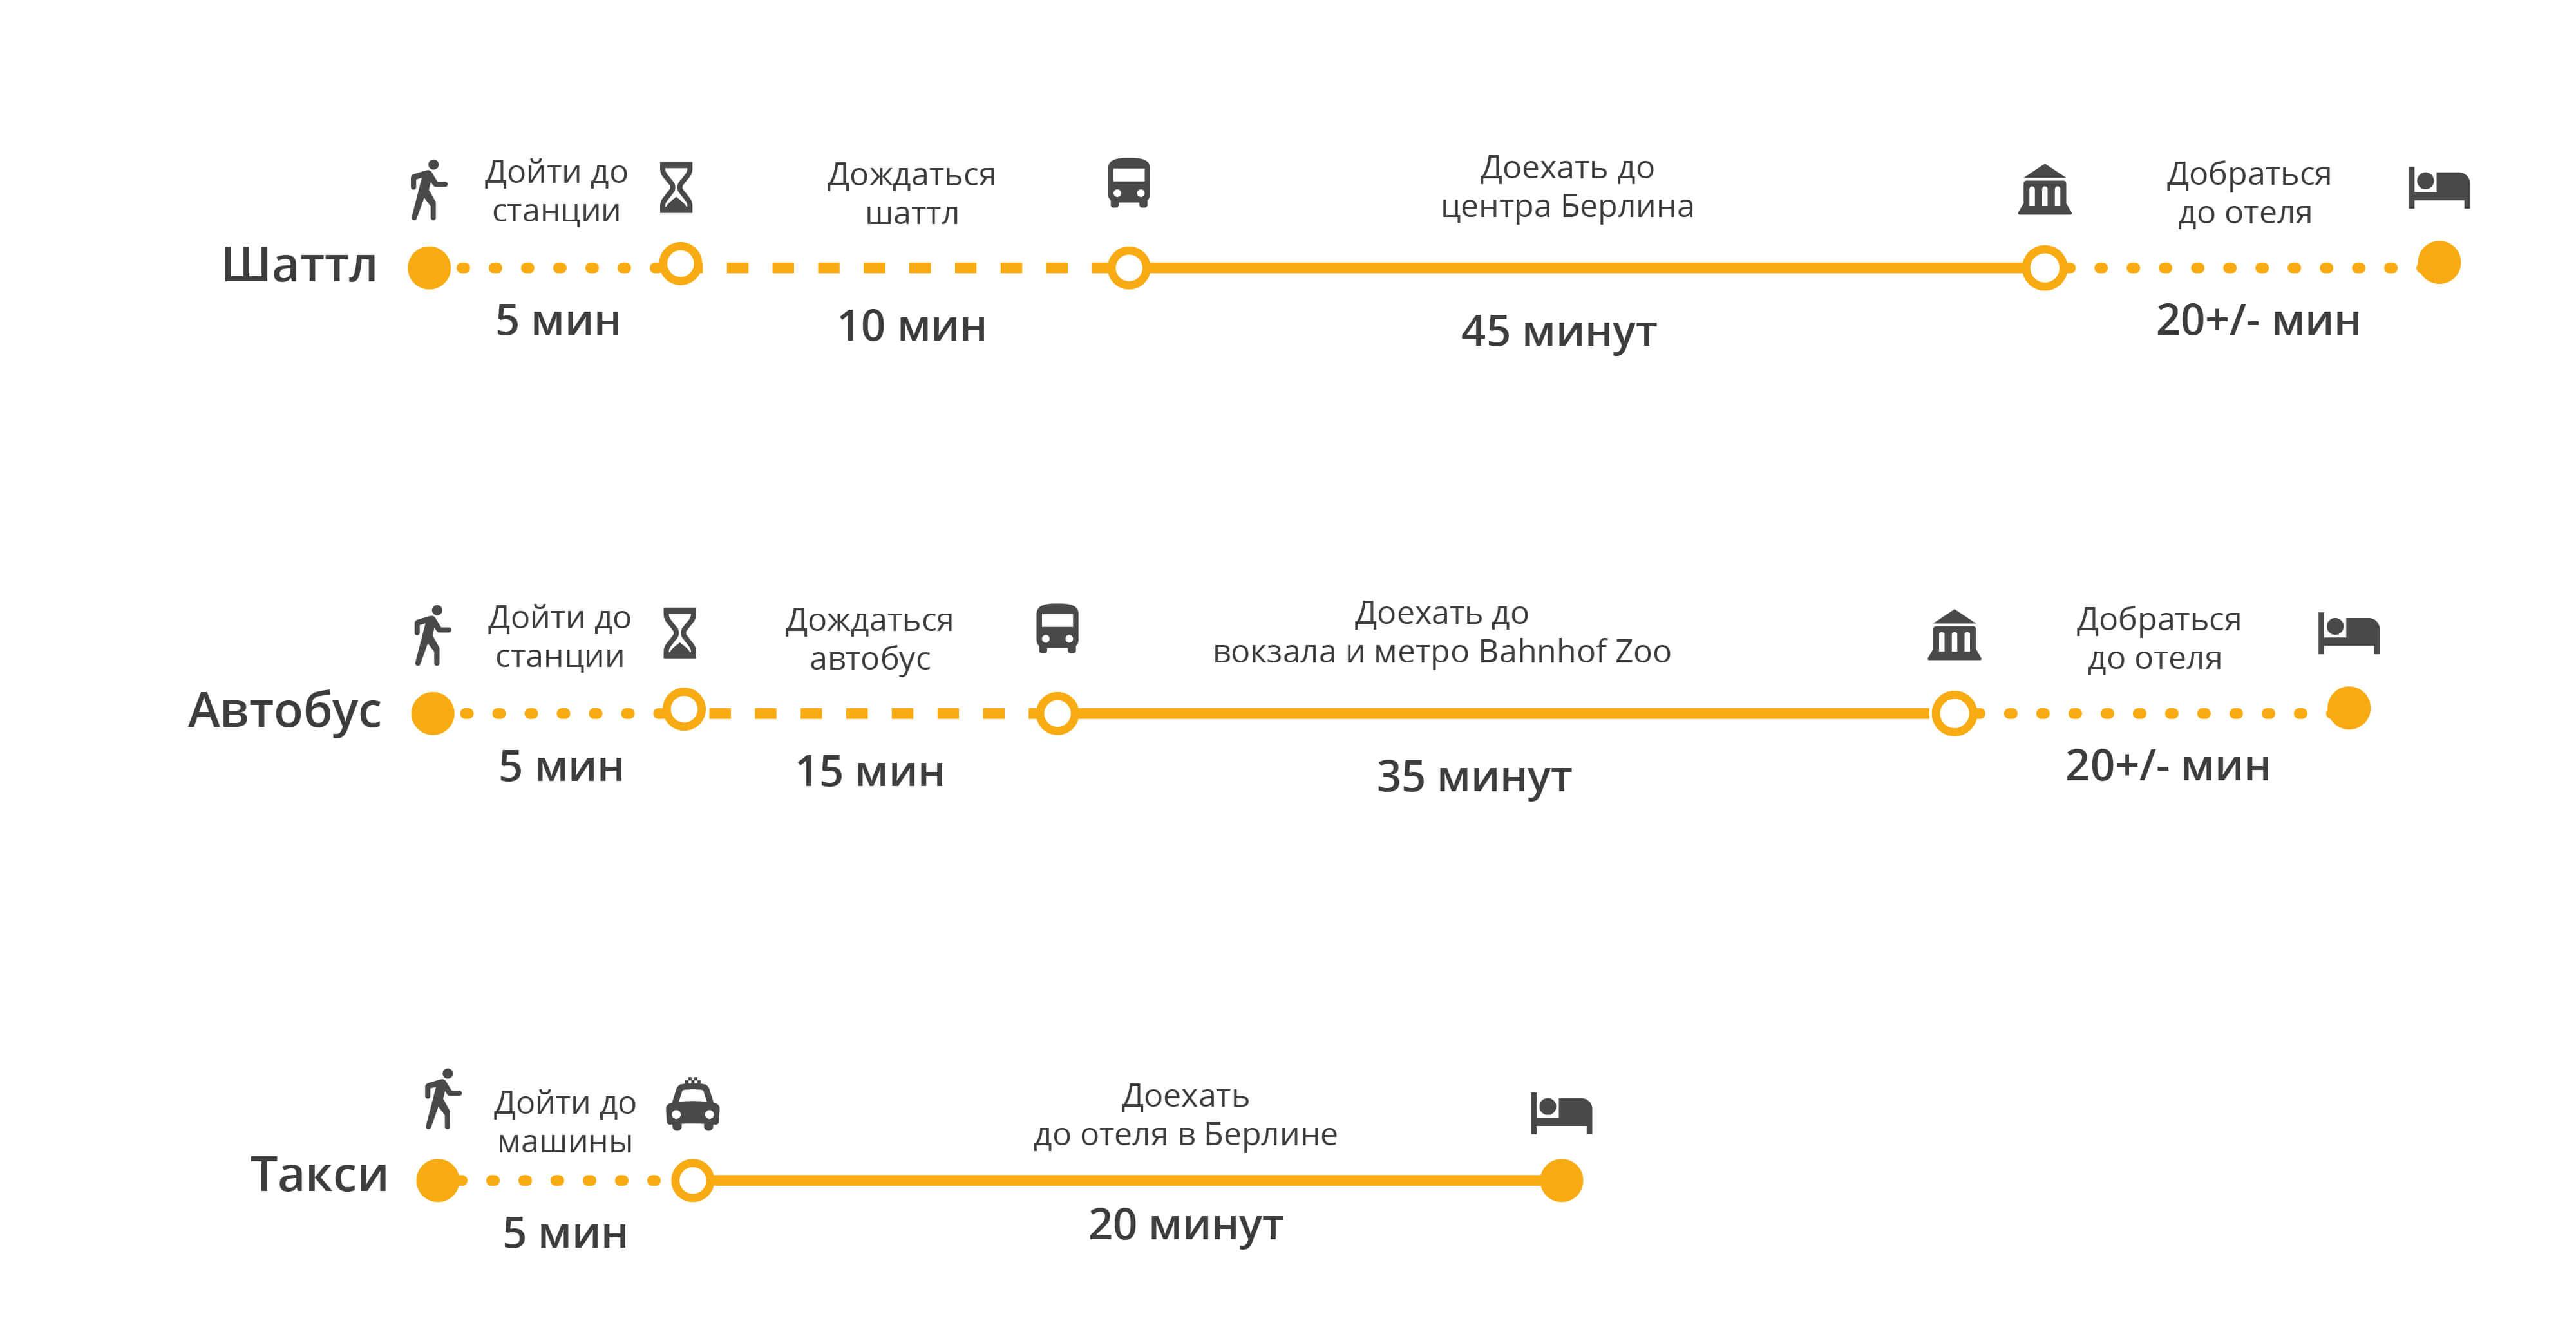 Как добраться из вильнюса в берлин: самолет, поезд, блаблакар, автобус. расписание рейсов, бронирование билетов dobiraemsya.ru - энциклопедия маршрутов